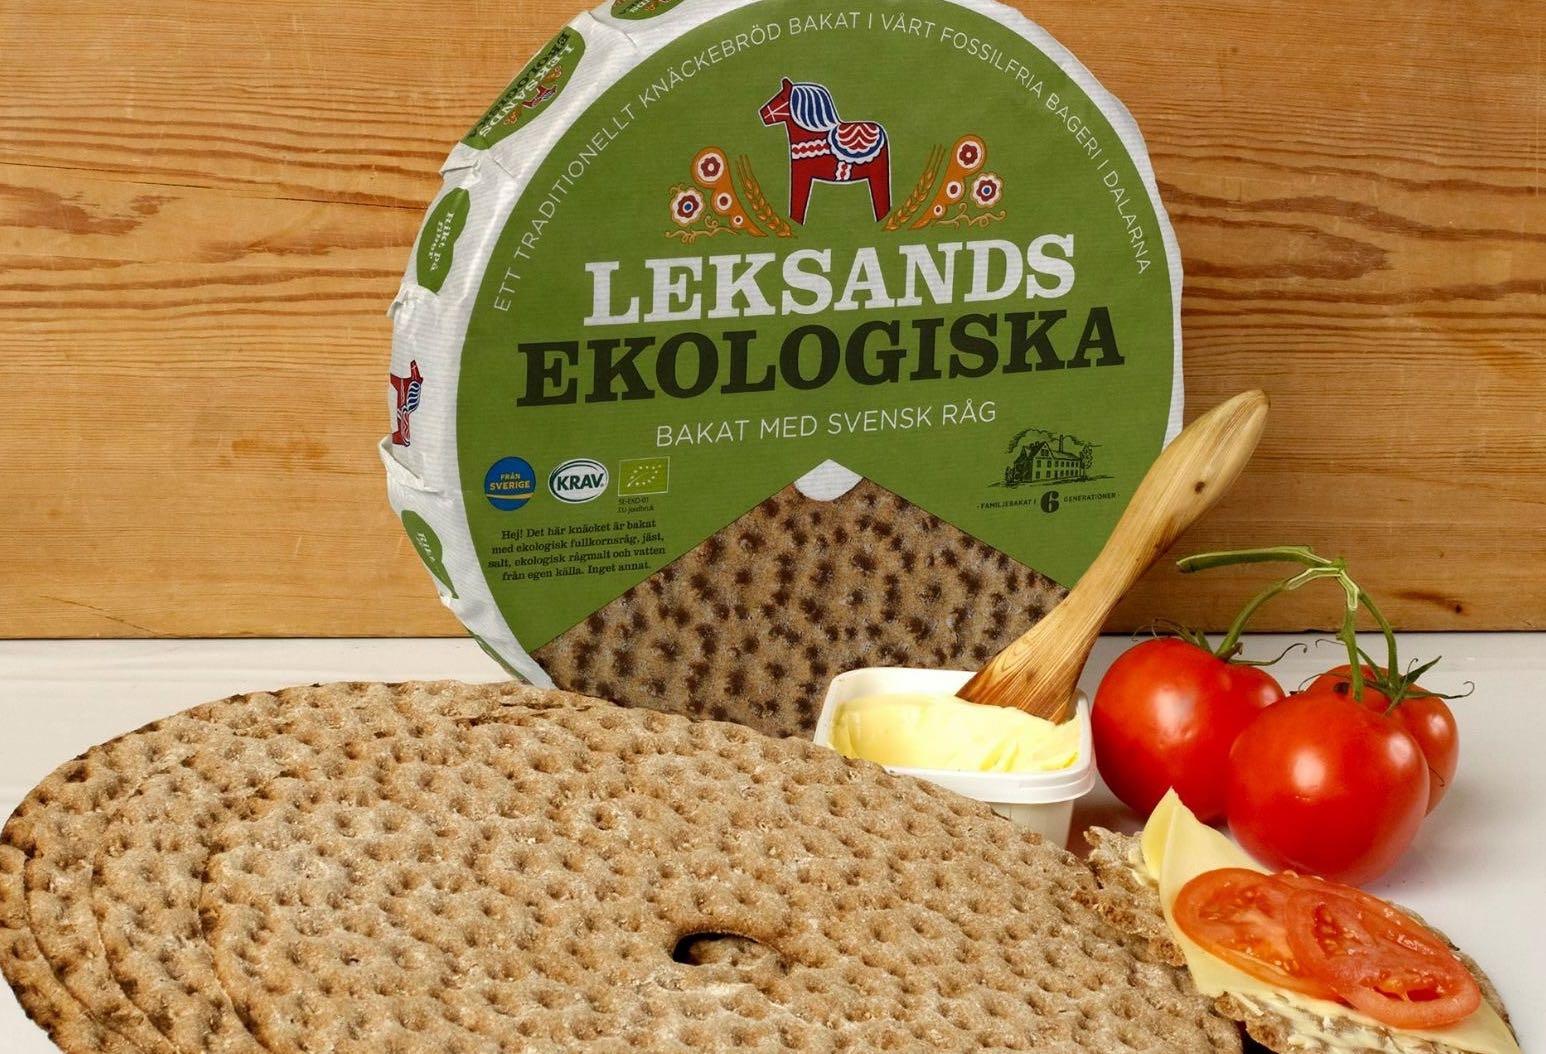 Bara svensk spannmål i knäckebrödet